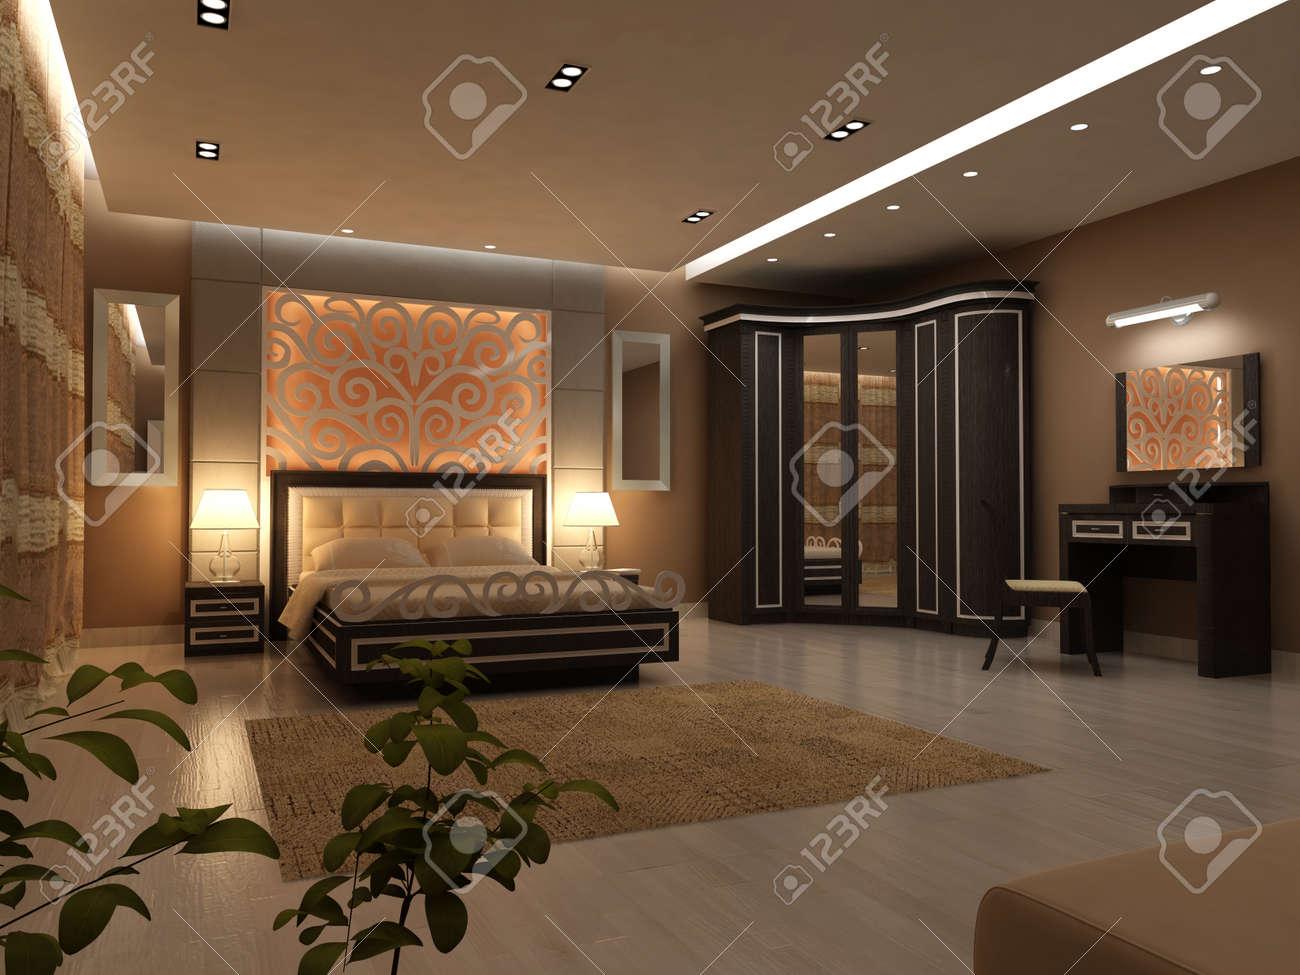 Interior Design Der Große Moderne Schlafzimmer In Künstlicher Beleuchtung  Standard Bild   37388904